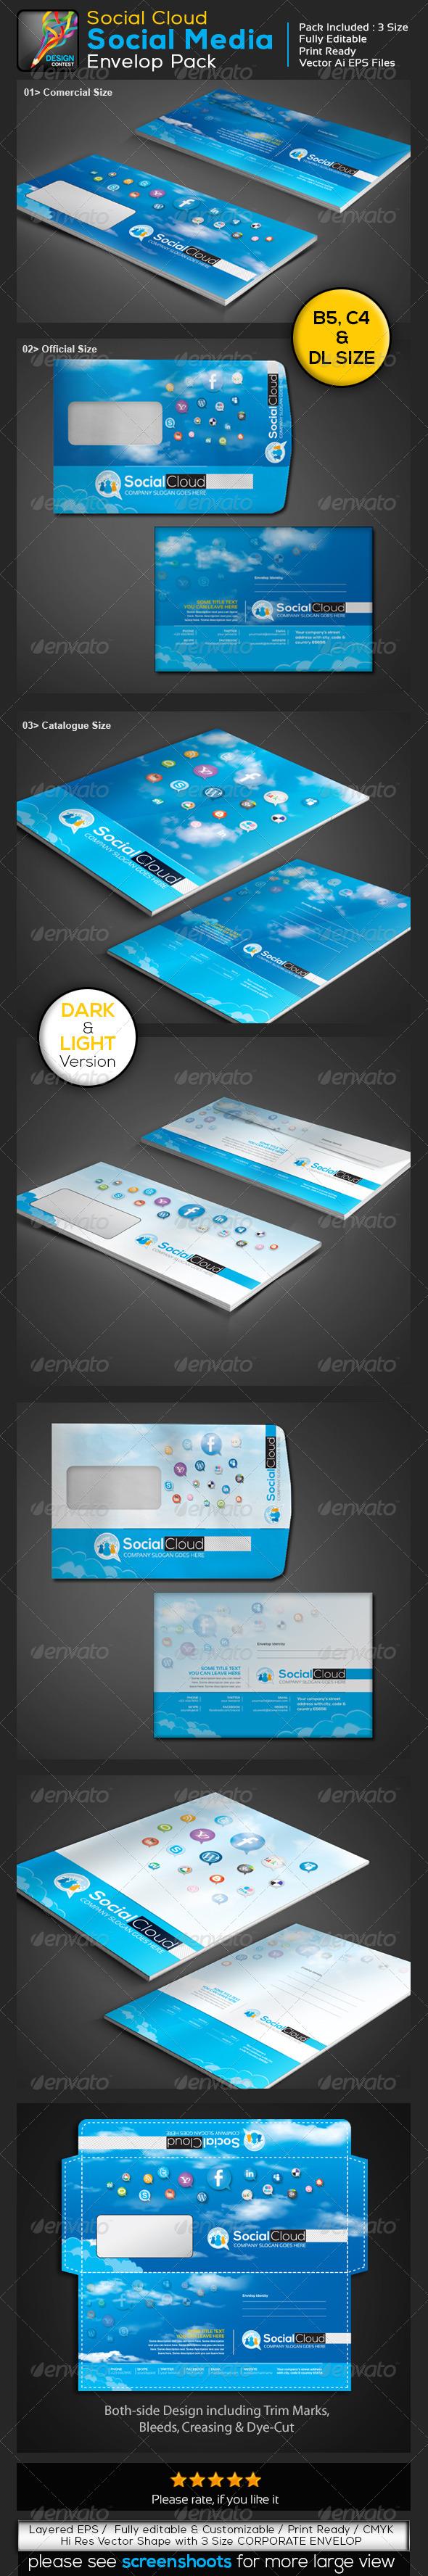 GraphicRiver Social Cloud Social Media 3 Size Envelop Pack 5743670